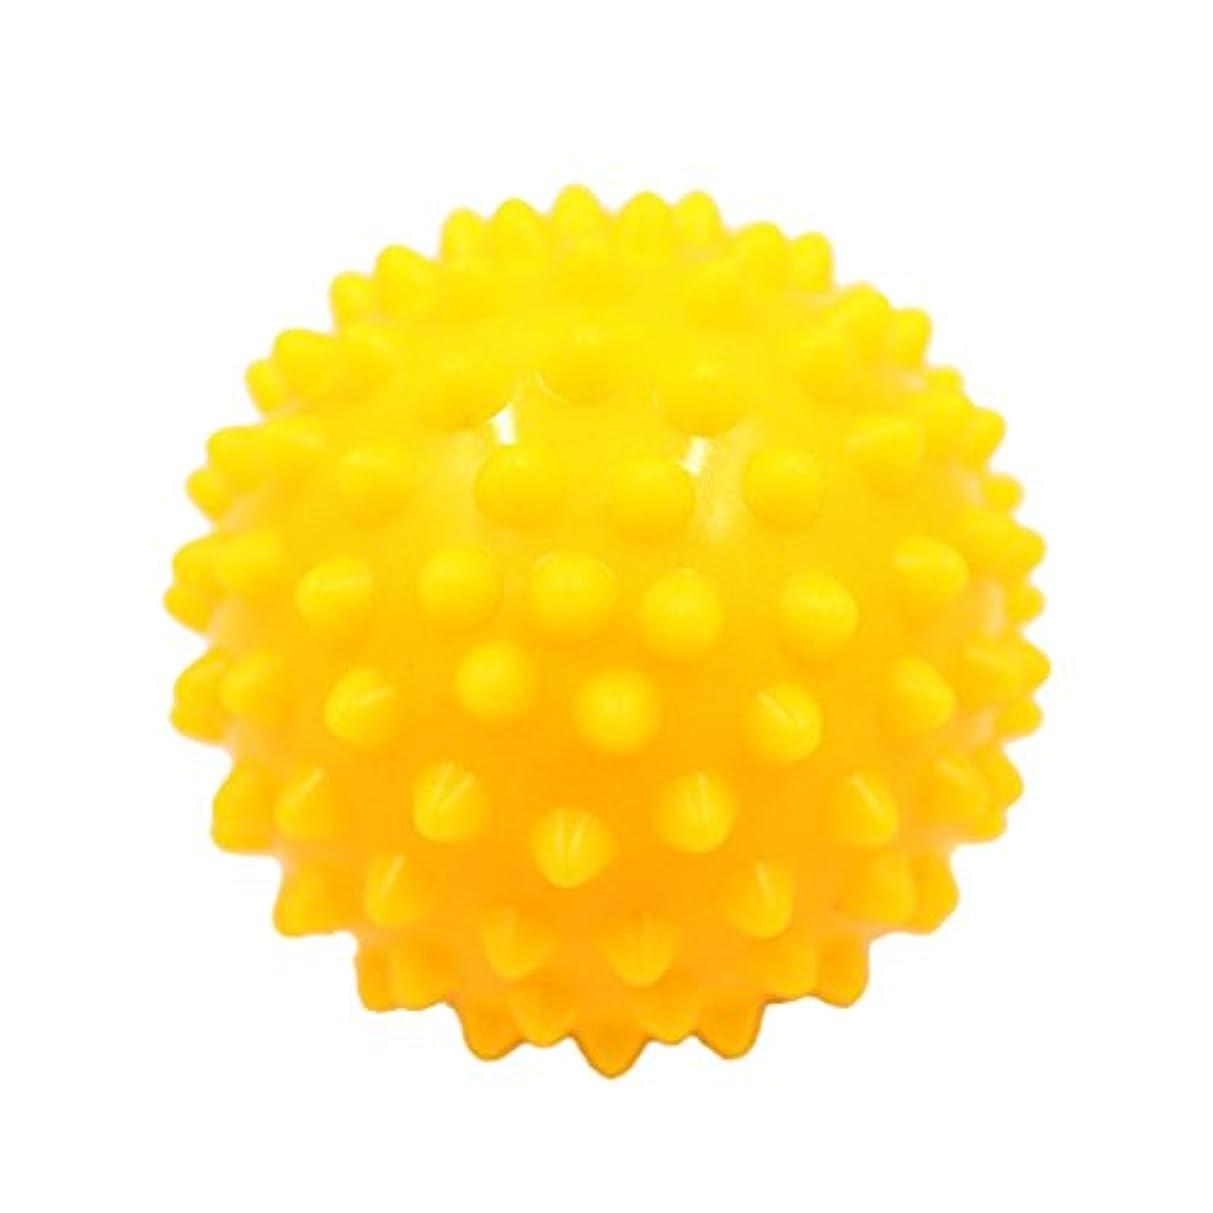 ソビエトワーム手荷物Kesoto マッサージボール マッサージ器 ボディ パームレリーフ スパイク マッサージ 刺激ボール 3色選べ - 黄